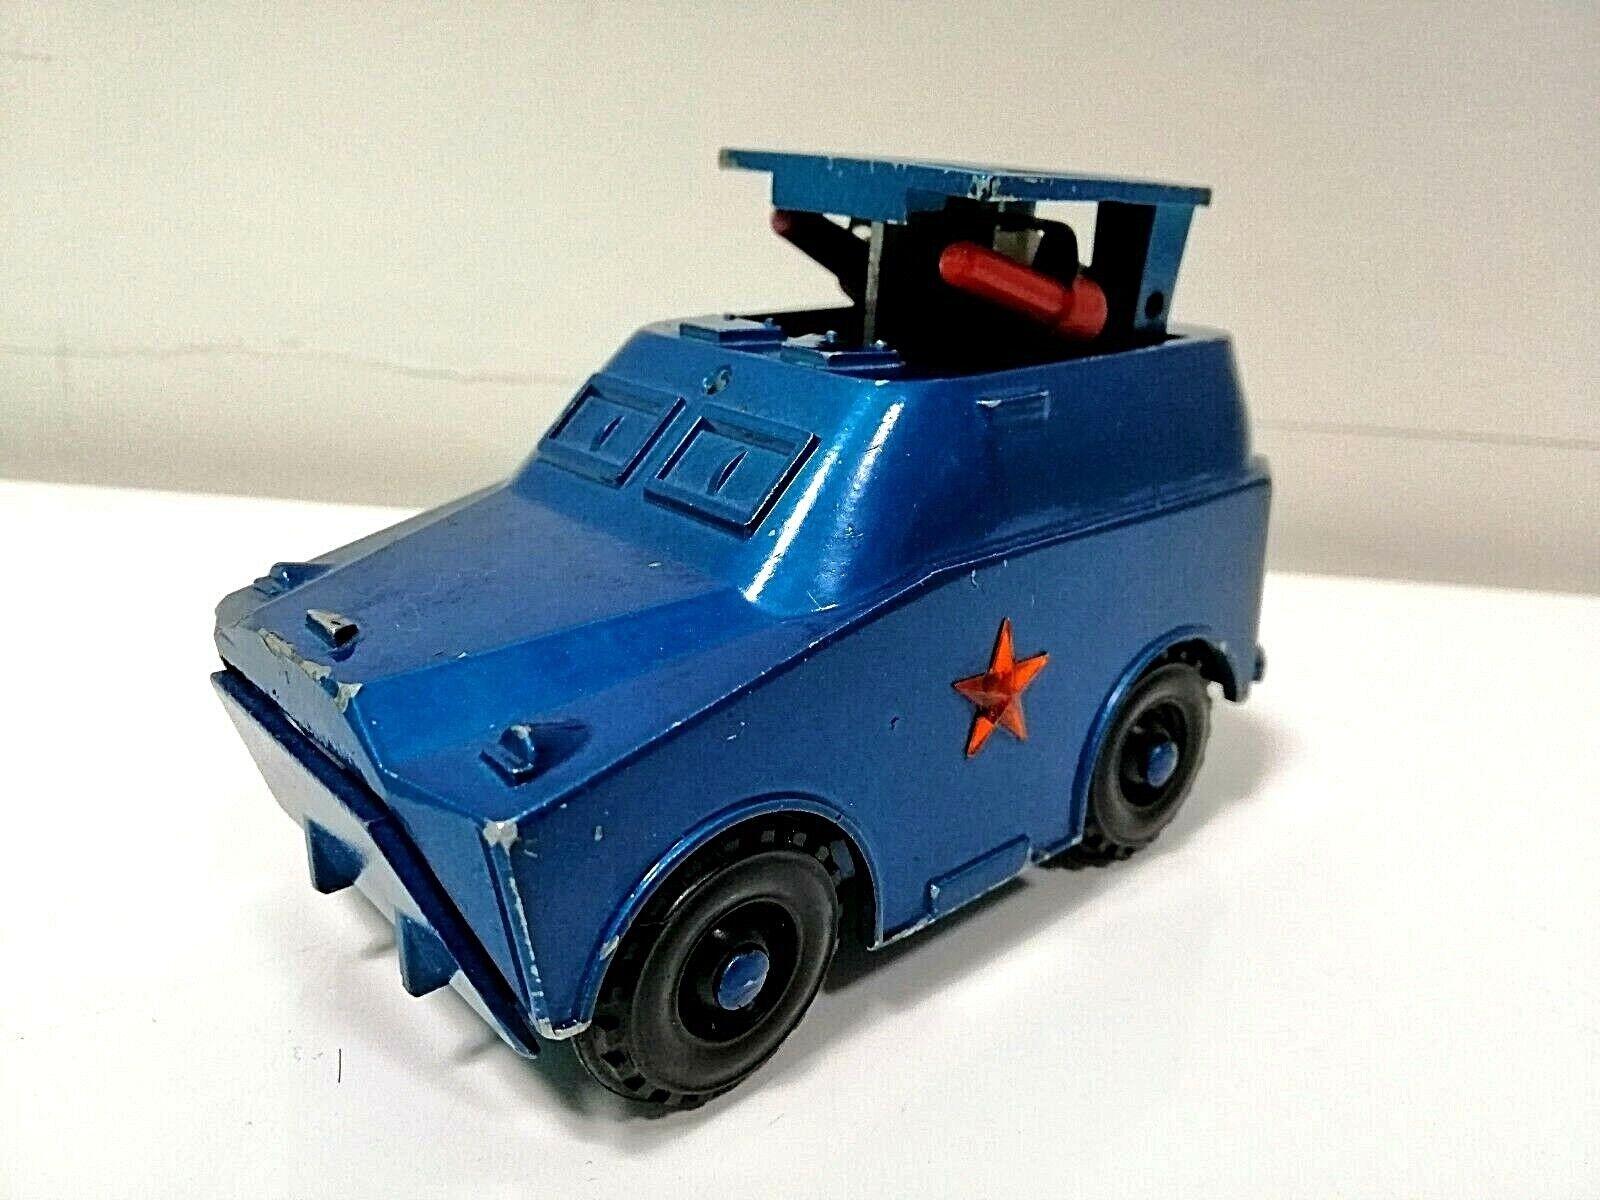 El viejo juguete de Acción, 1970. El camión soviético de metal, el BTR y el misil ¡El viejo juguete de Acción, 1970. El camión soviético de metal, el BTR y el misil - Sí.